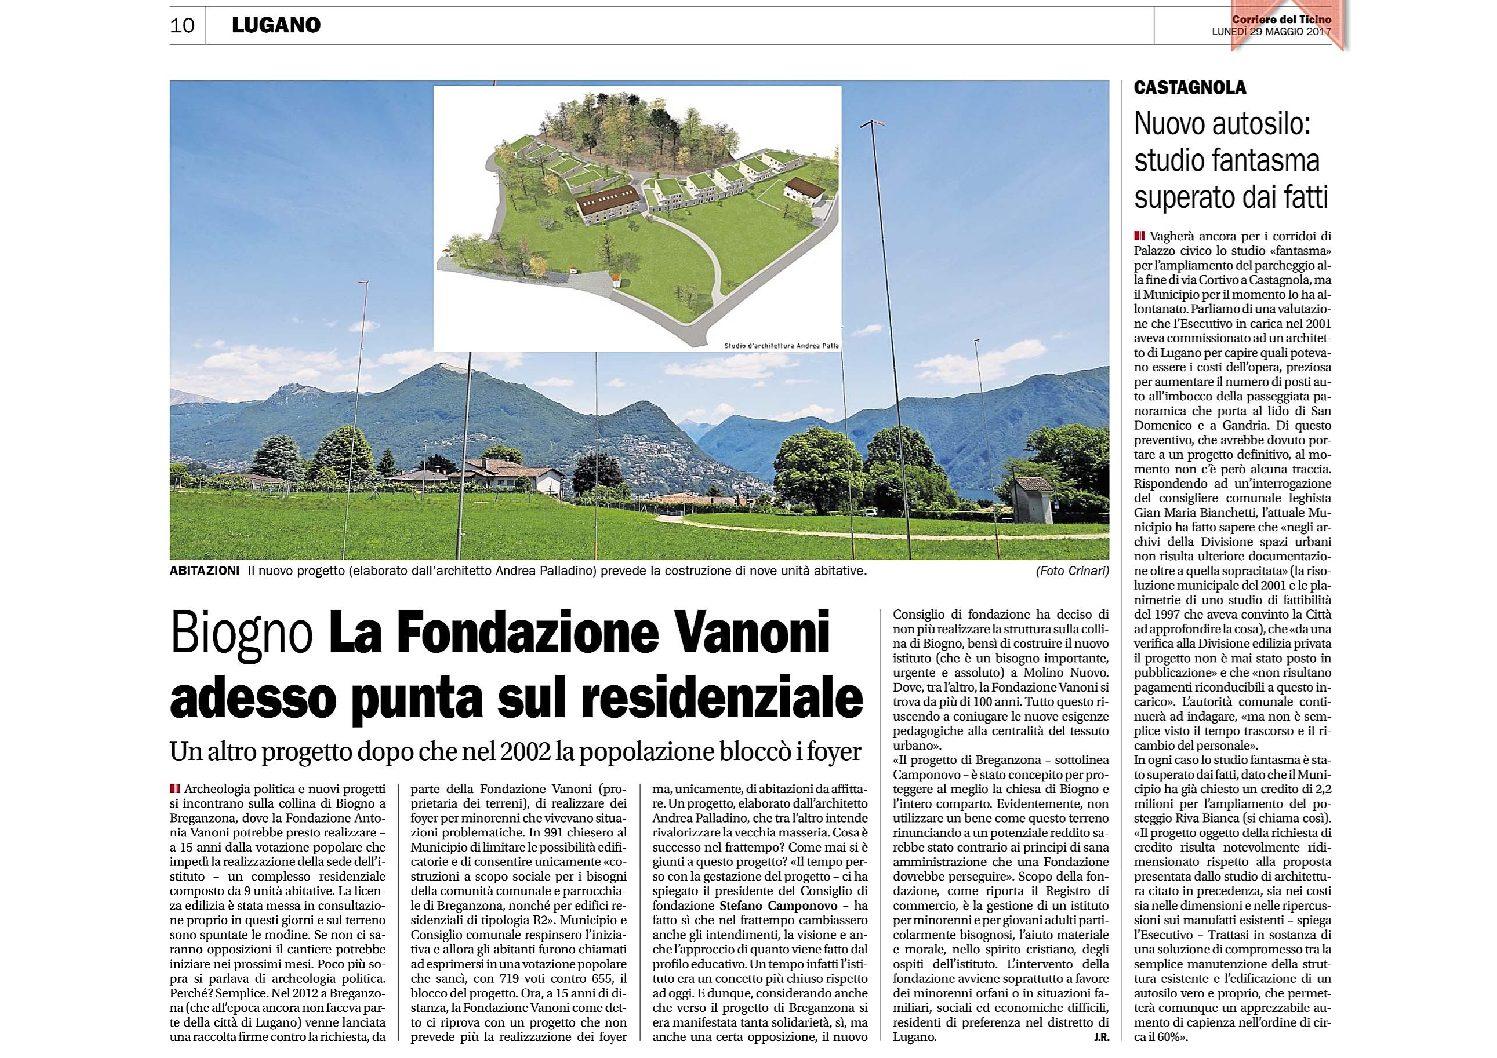 Corriere del Ticino del 29.05.2017